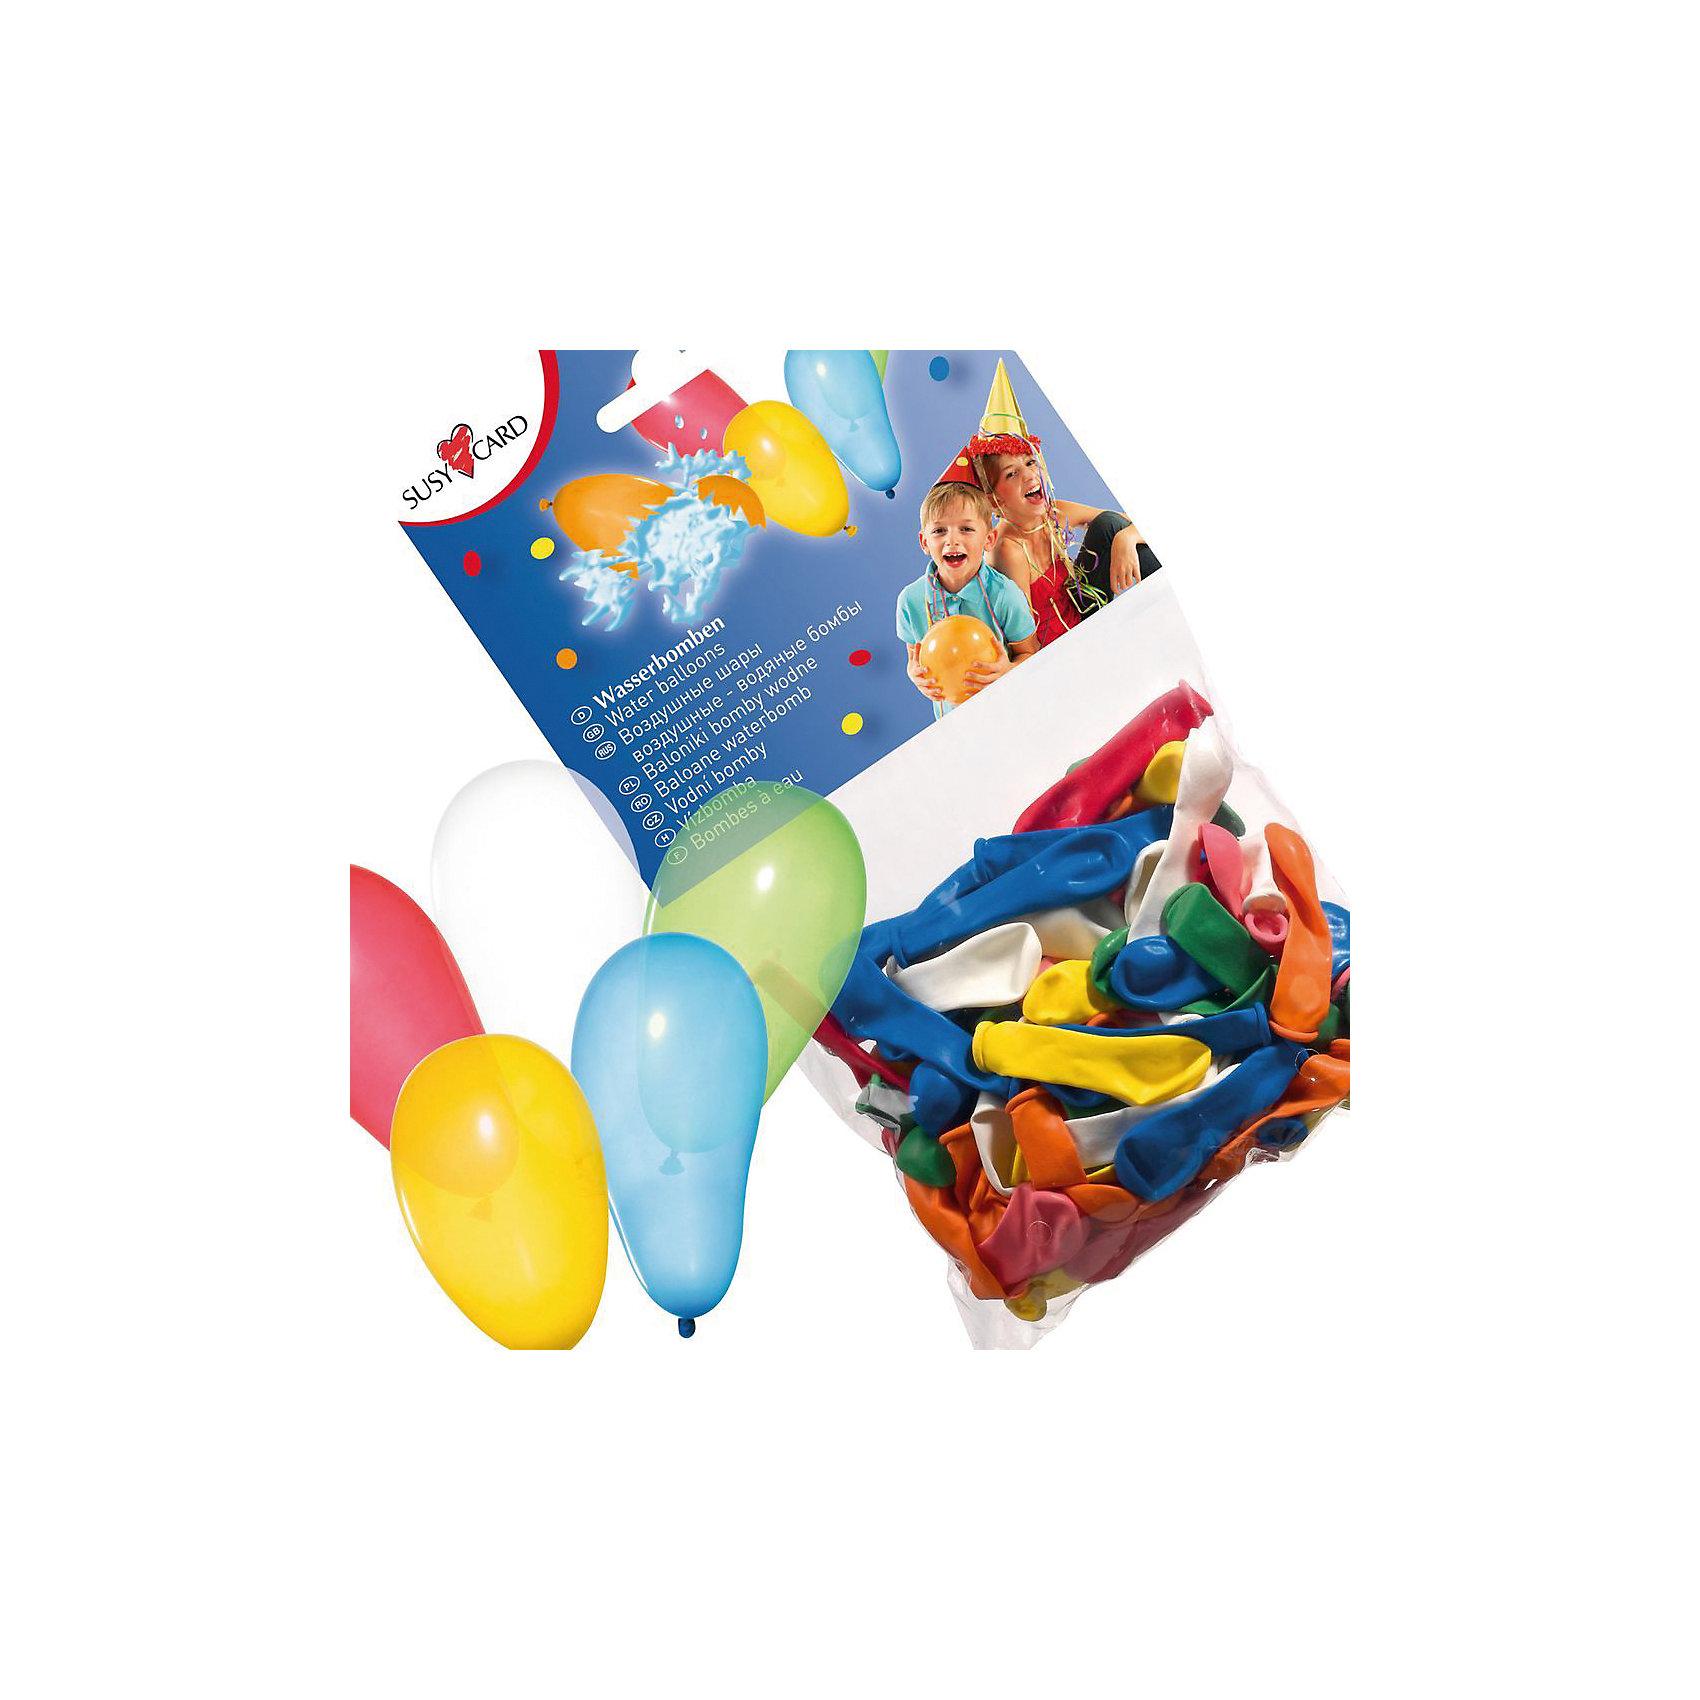 Шары воздушные  Водяные бомбочки, 100 шт., в ассортиментеВсё для праздника<br>Характеристики товара:<br><br>• возраст: от 3 лет<br>• цвет: мульти<br>• материал: биоразлагаемый латекс<br>• размер упаковки: 3х13х20 см<br>•  для заполнения водой<br>• комплектация: 100 шт<br>• вес: 50 г<br>• страна бренда: Германия<br>• страна изготовитель: Германия<br><br>Яркие воздушные шары небольшой формы превращаются в водяные бомбочки и отлично разнообразят праздник или обычный пикник.  Нужно лишь подготовить снаряды и в бой! <br><br>Шары воздушные «Водяные бомбочки», 100 шт., в ассортименте, от бренда Herlitz (Херлиц) можно купить в нашем интернет-магазине.<br><br>Ширина мм: 25<br>Глубина мм: 128<br>Высота мм: 200<br>Вес г: 52<br>Возраст от месяцев: 36<br>Возраст до месяцев: 2147483647<br>Пол: Унисекс<br>Возраст: Детский<br>SKU: 6886492